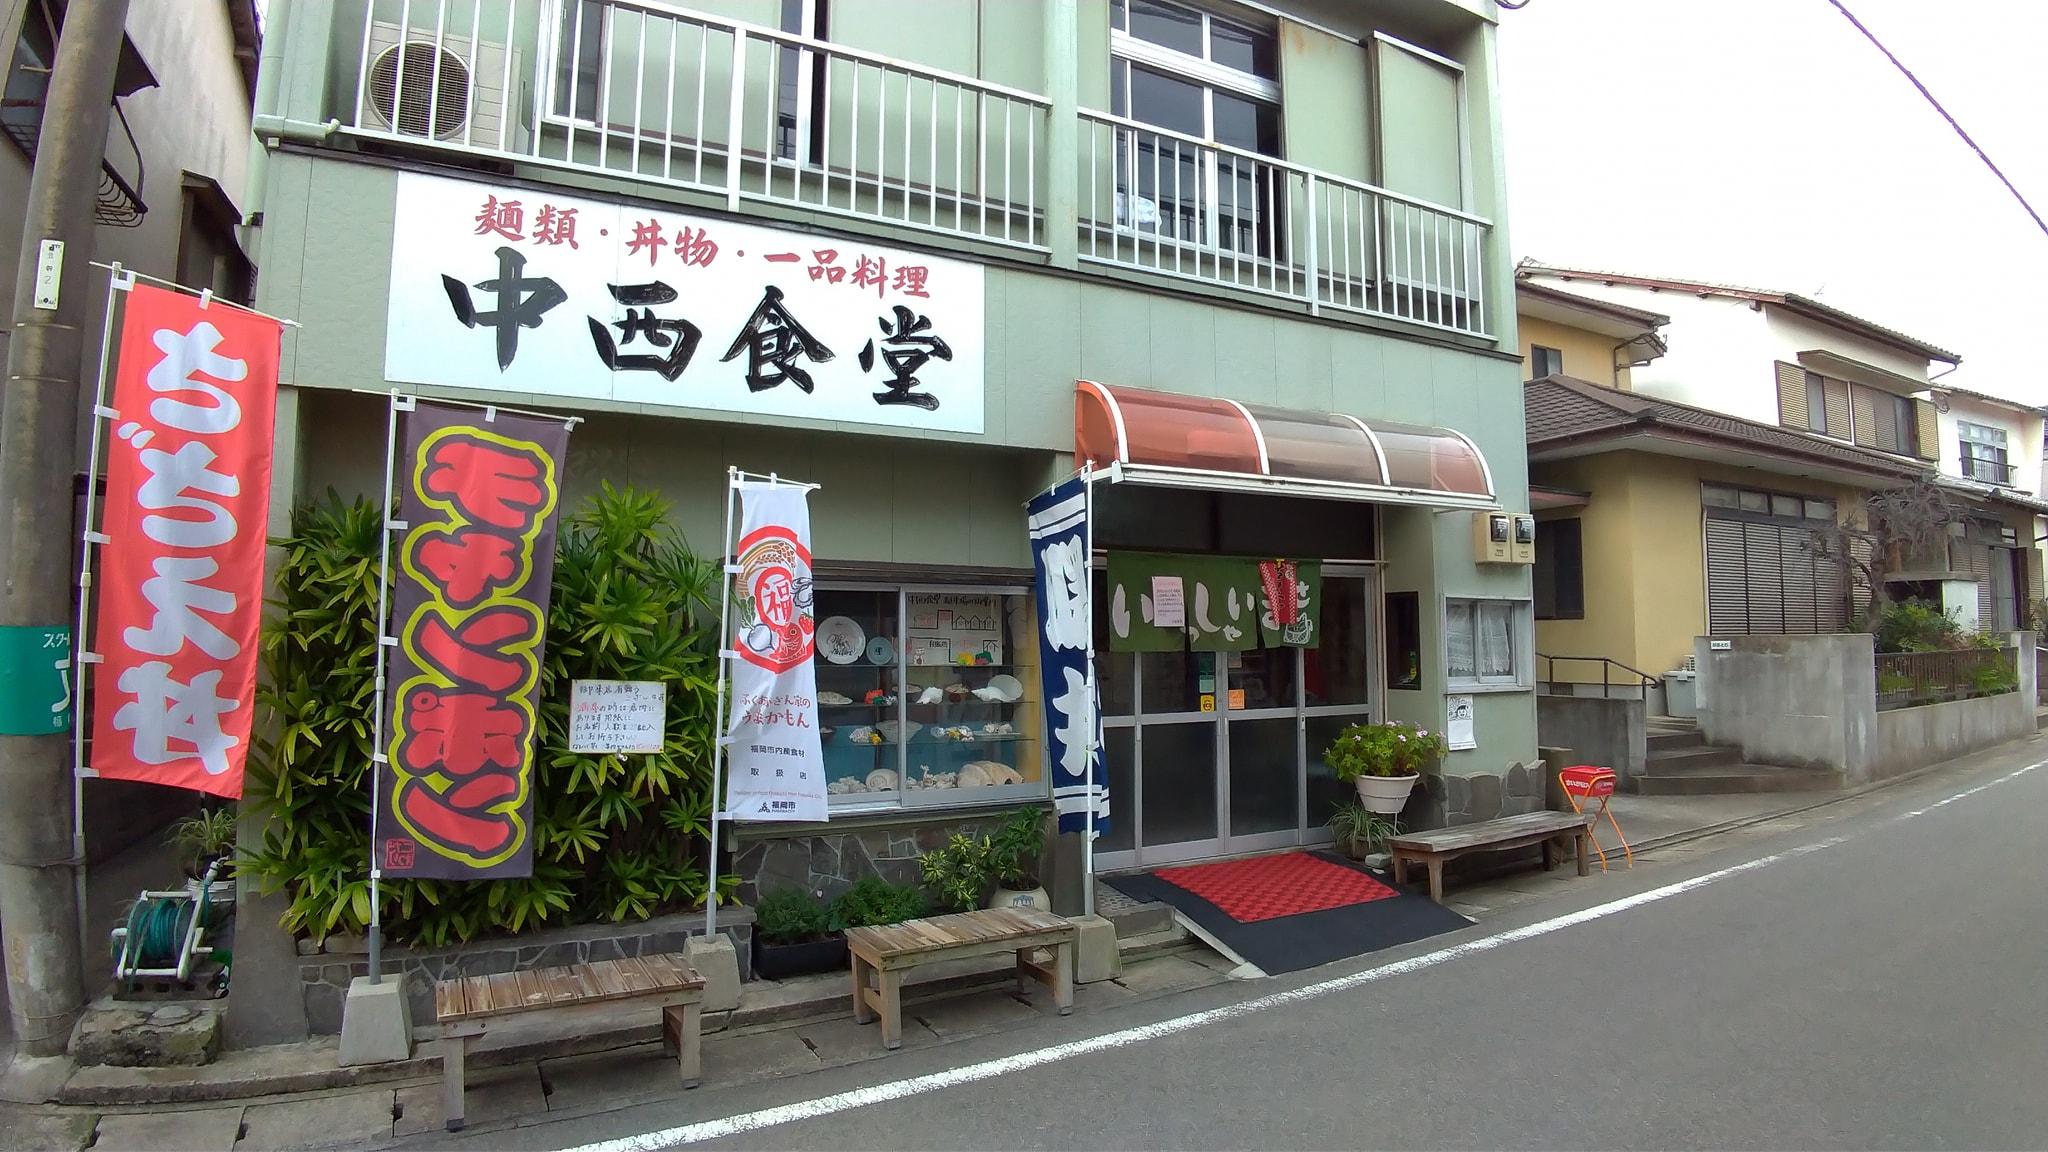 志賀島のおすすめ観光スポット10選!天然温泉から名物グルメまでご紹介